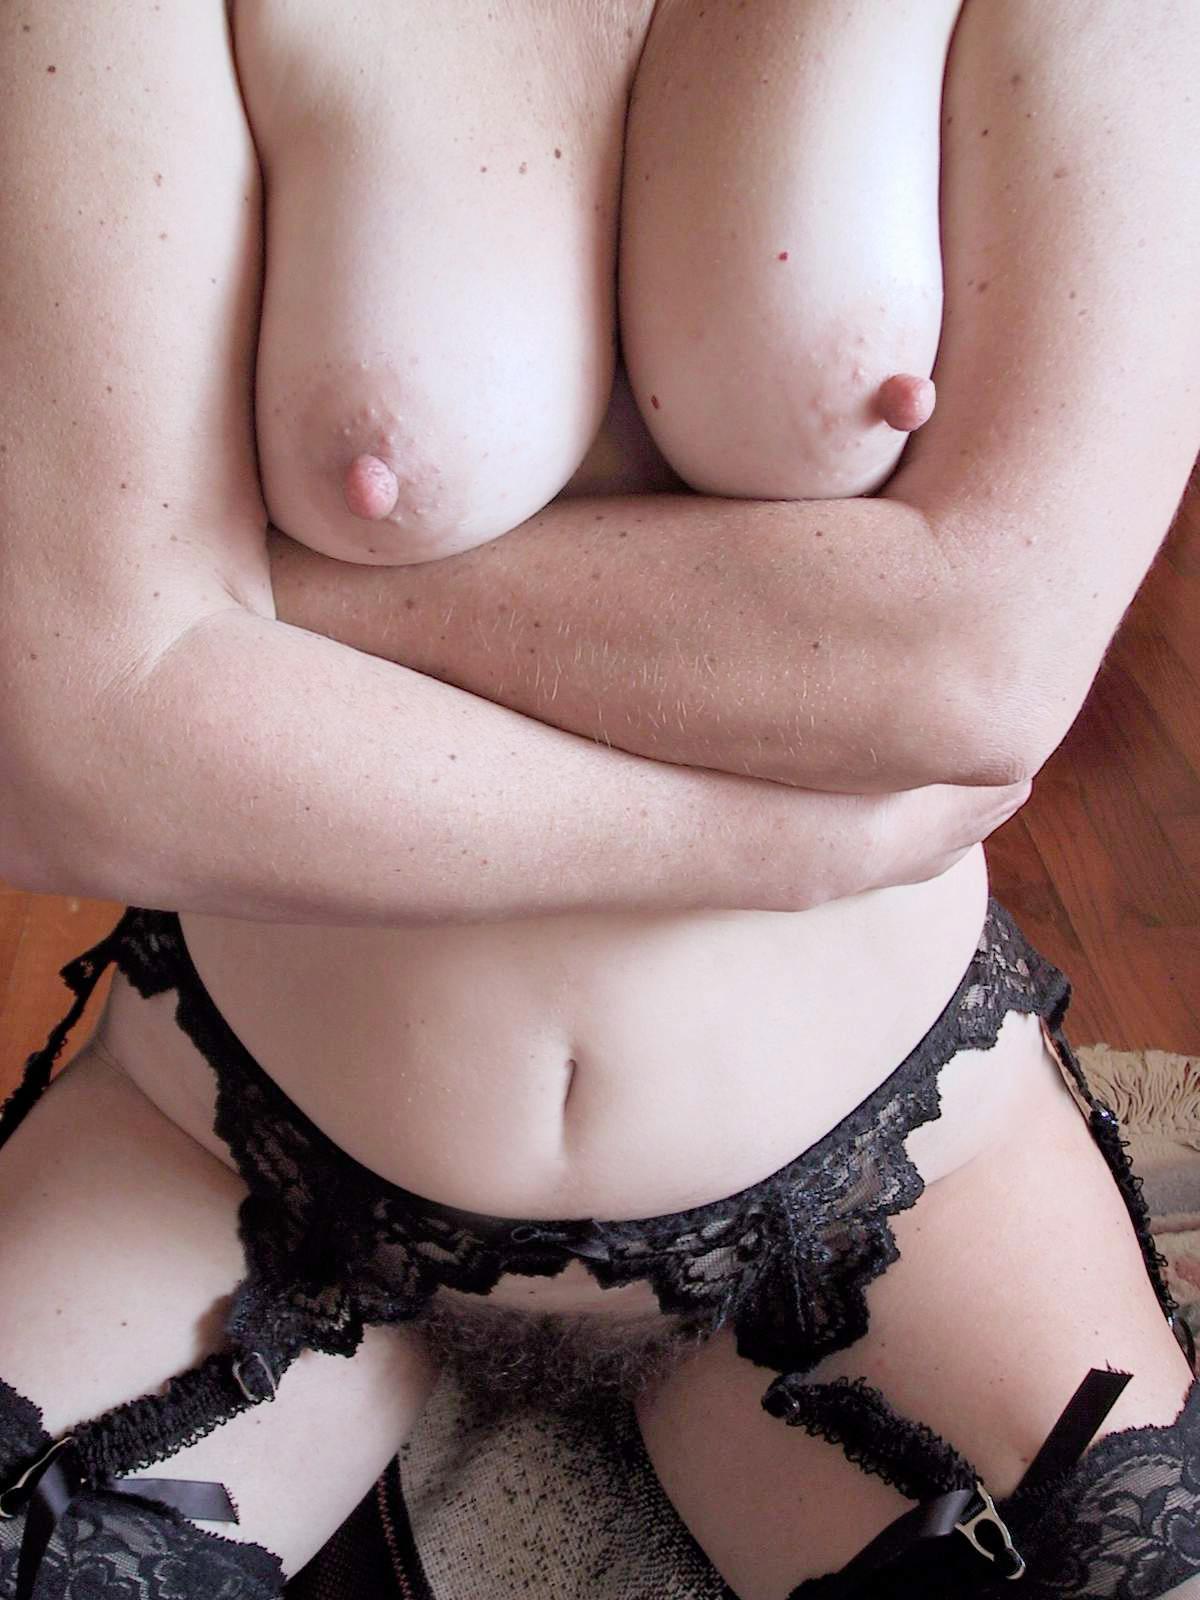 【乳首エロ画像】取れたらどうしよう…どんな巨乳でも不釣合いなデカ乳首(;´∀`)